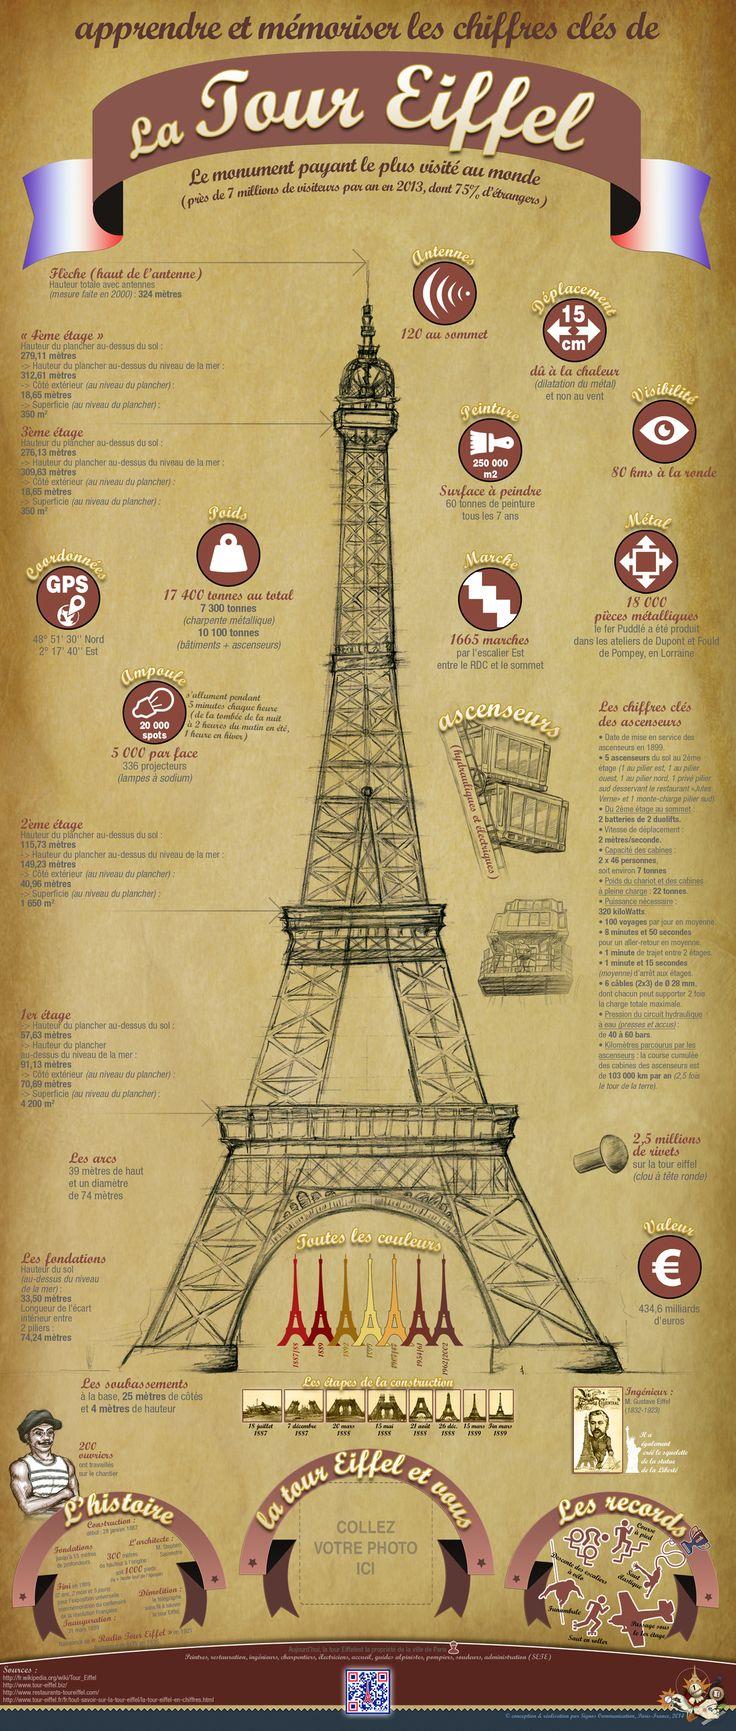 Infographie Tour Eiffel. Les chiffres clés pour apprendre et mémoriser la Tour Eiffel. © signos communication 2014.